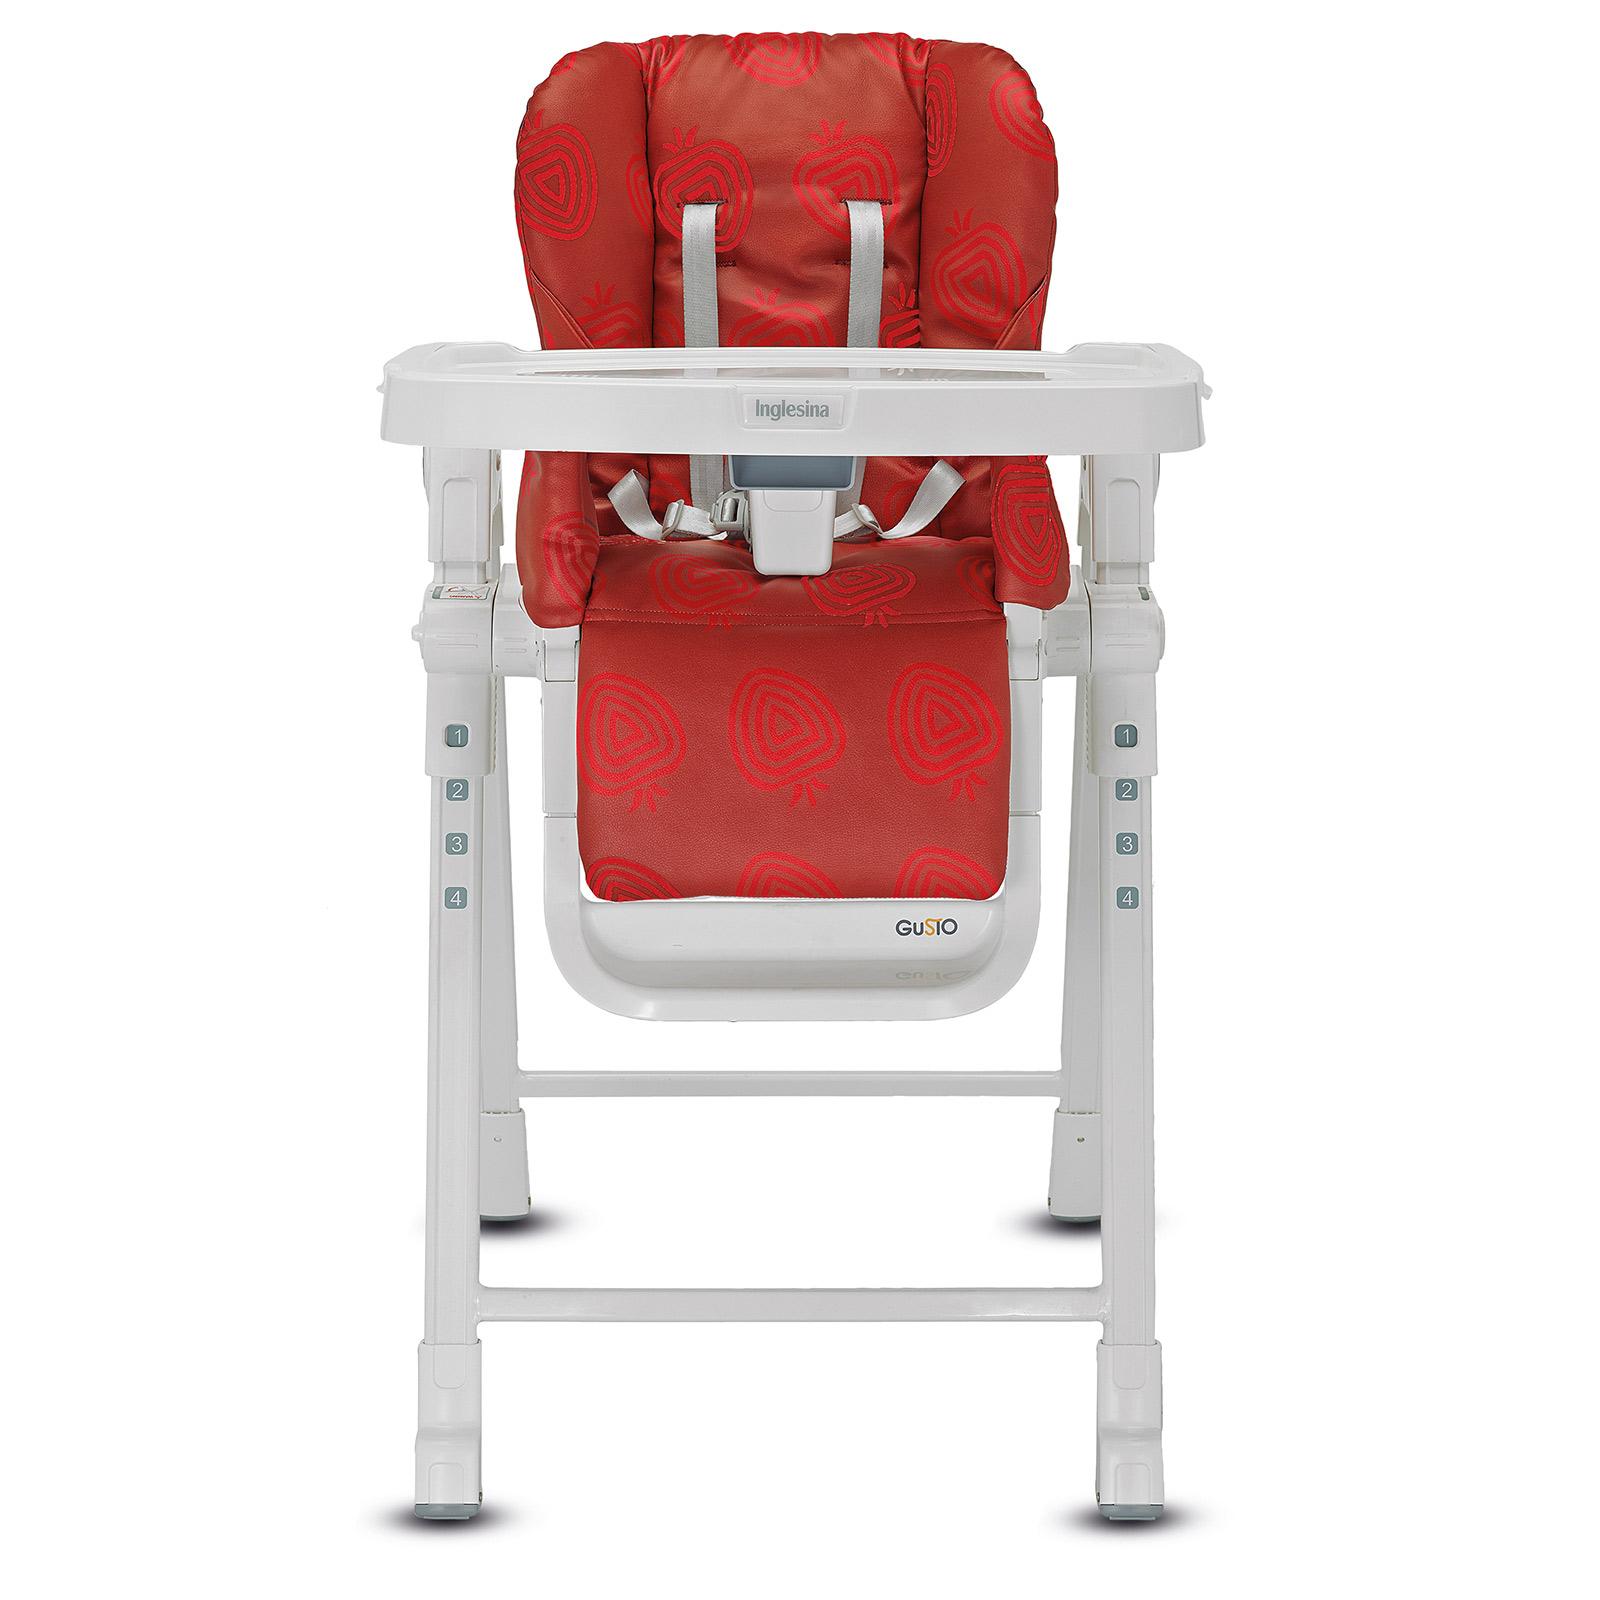 Фото - Стульчики для кормления Inglesina Gusto стульчики для кормления пмдк премьер